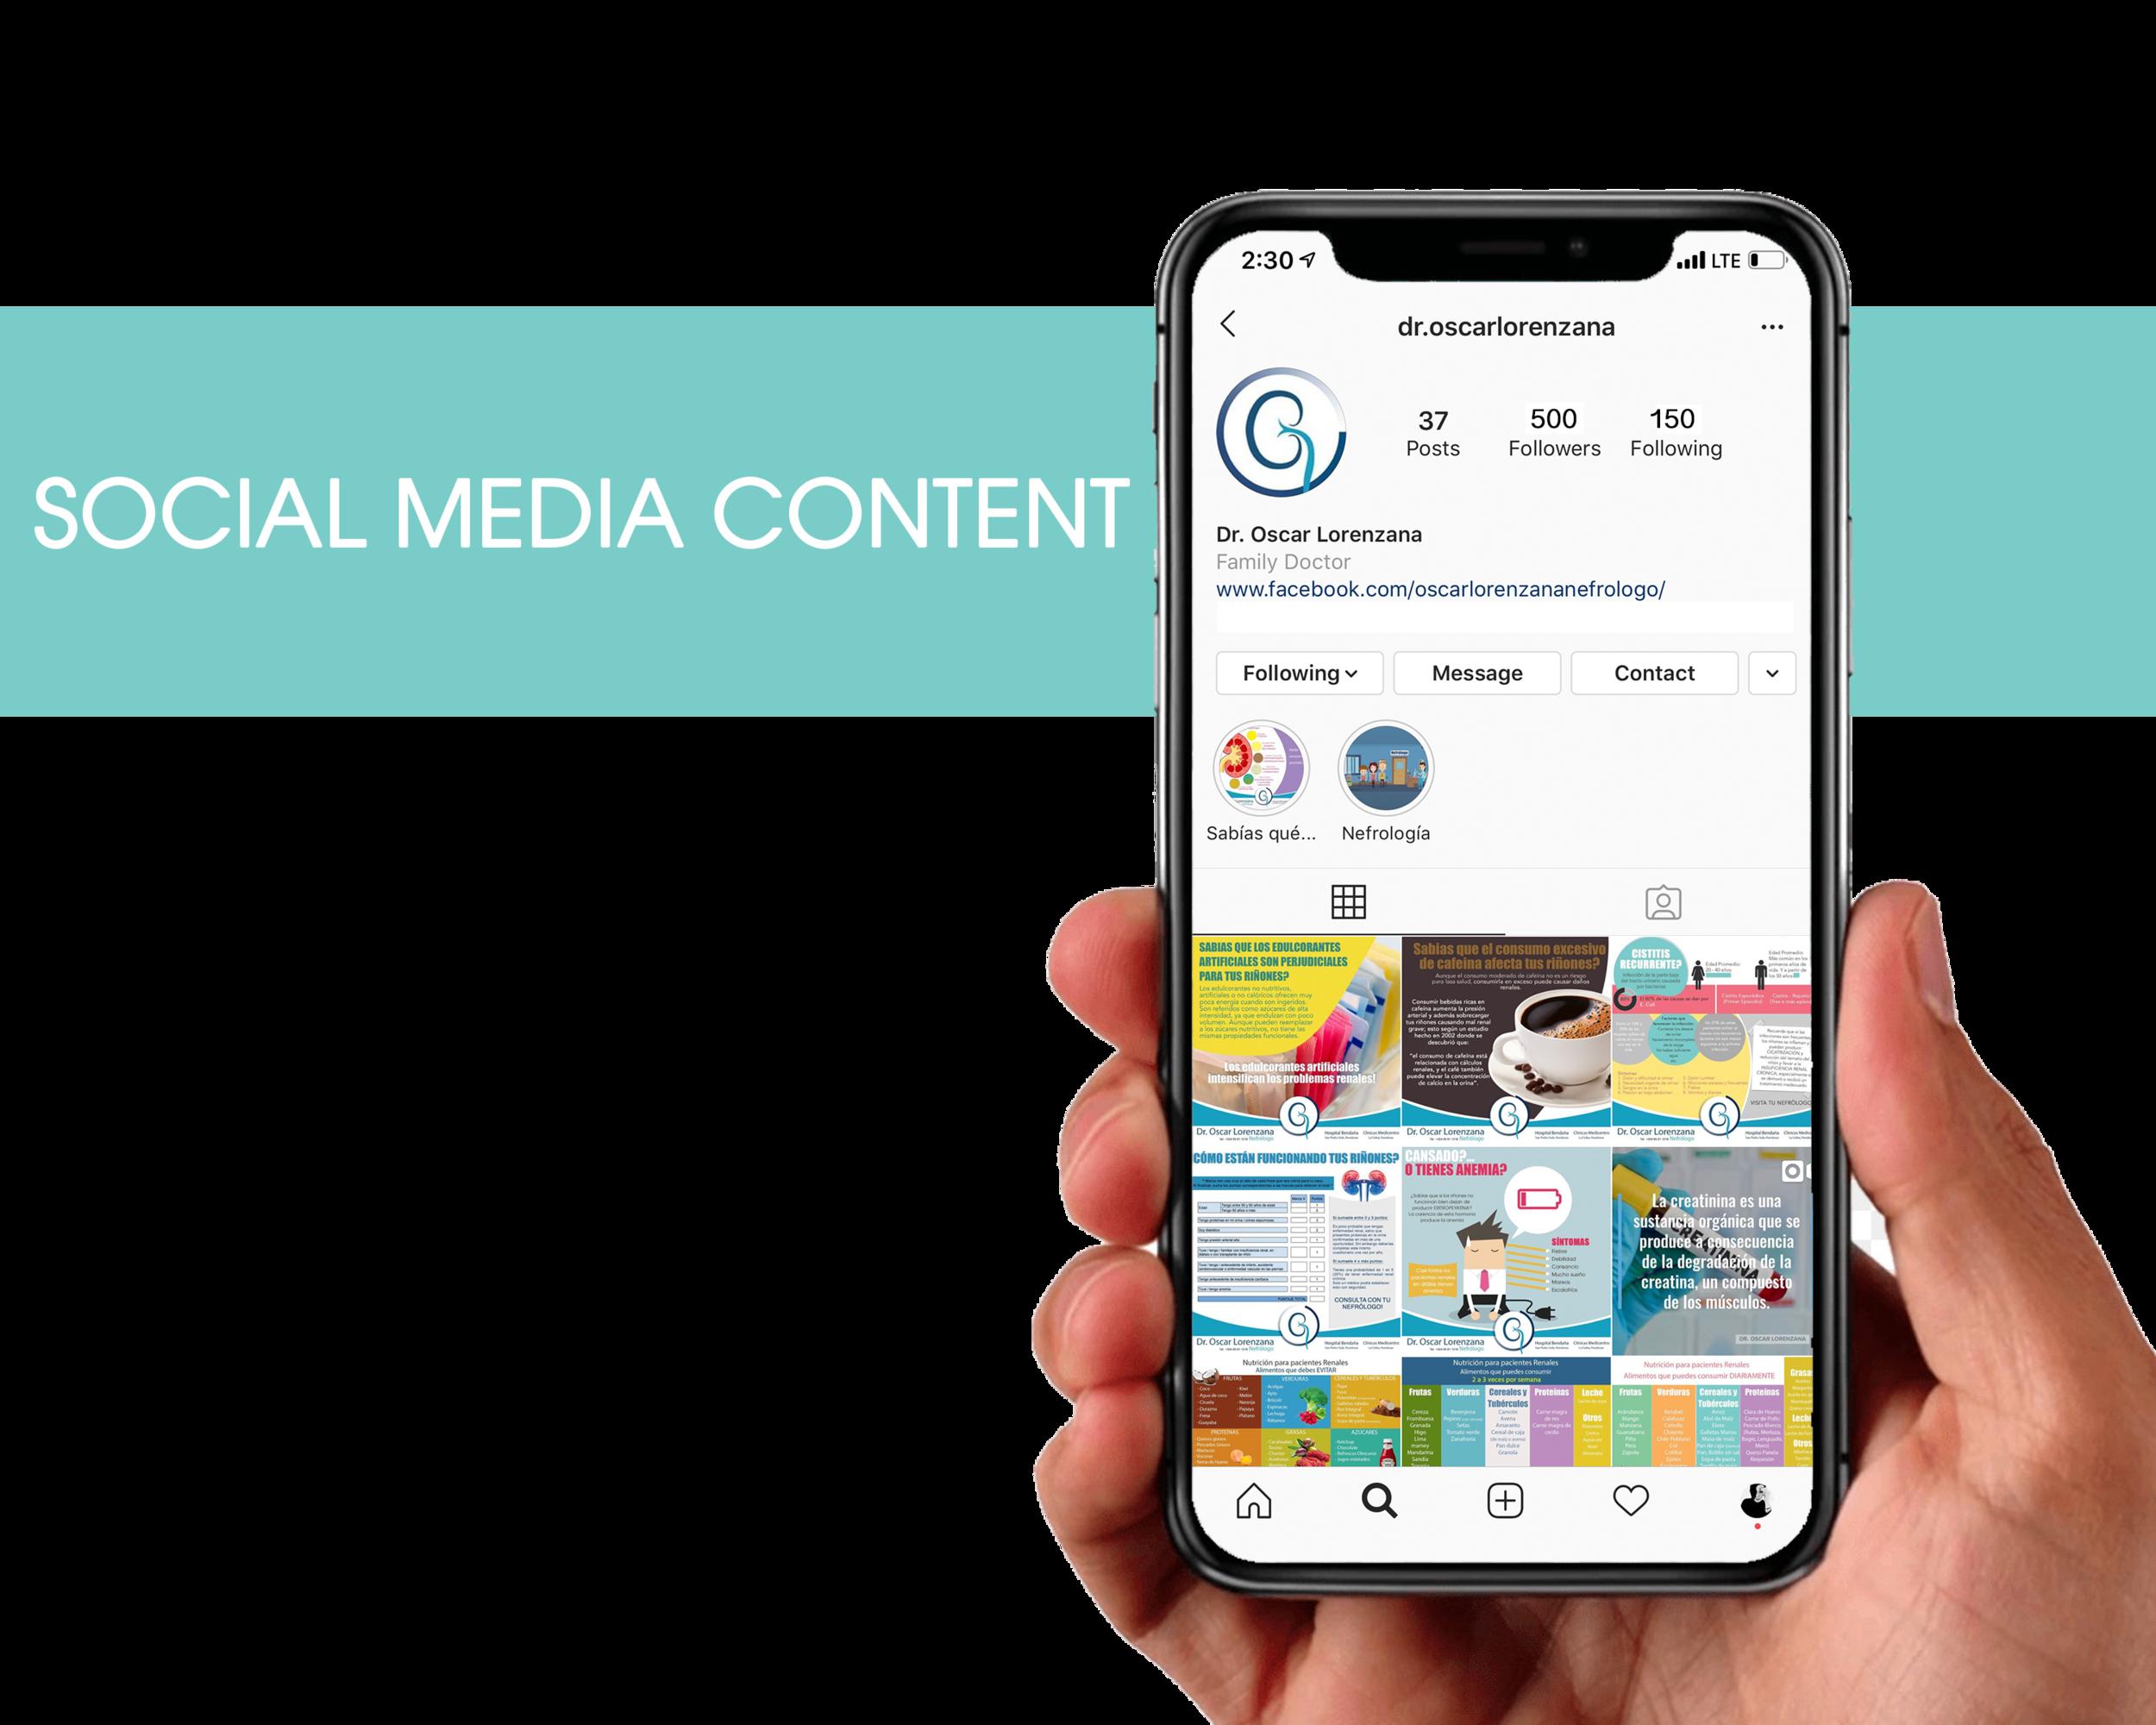 social mediacontent.png